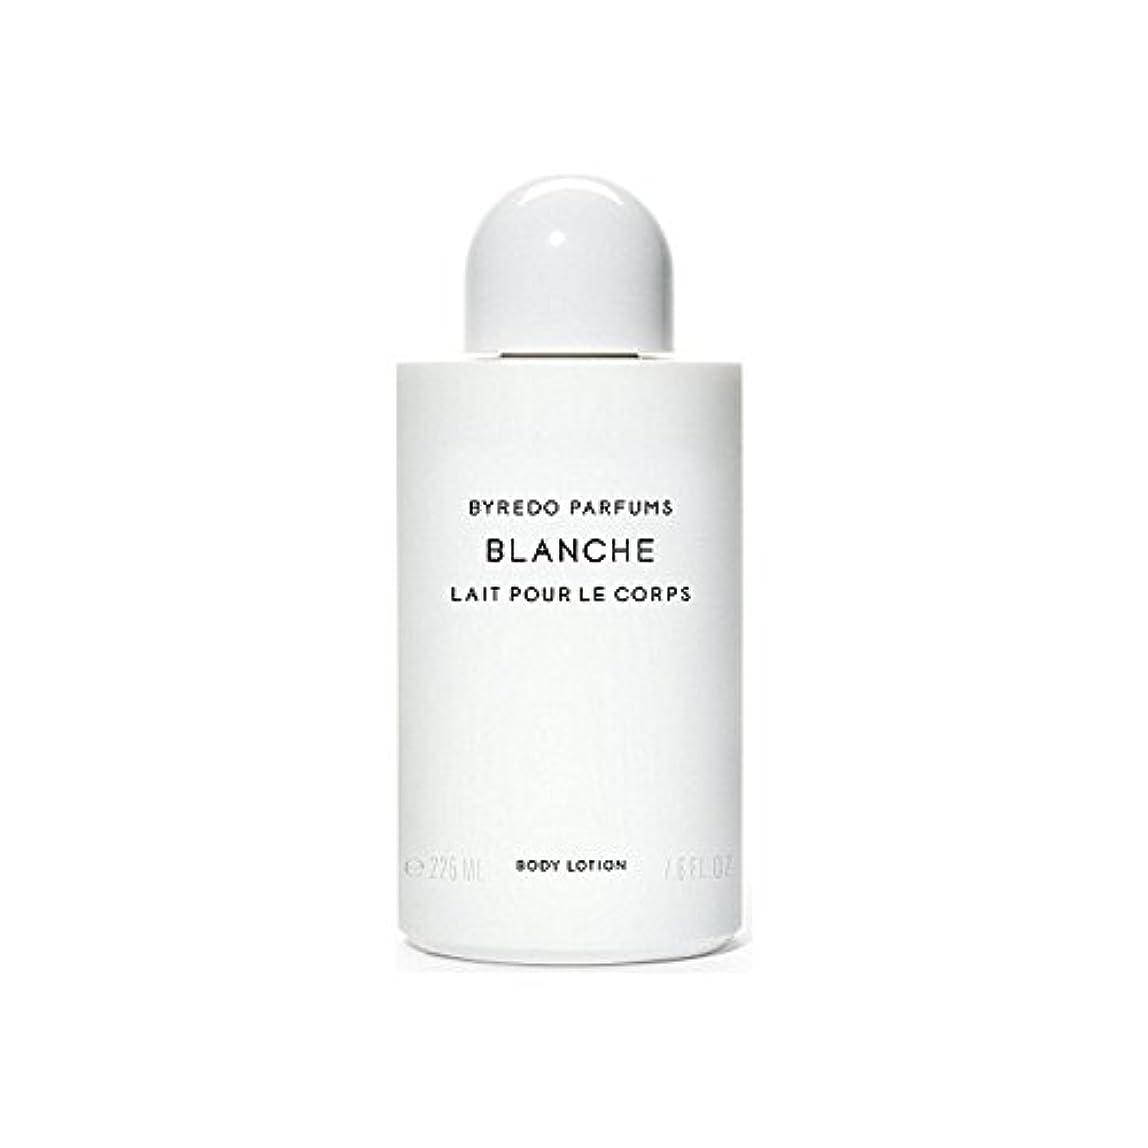 キャッチピルかみそりブランシュボディローション225ミリリットル x2 - Byredo Blanche Body Lotion 225ml (Pack of 2) [並行輸入品]